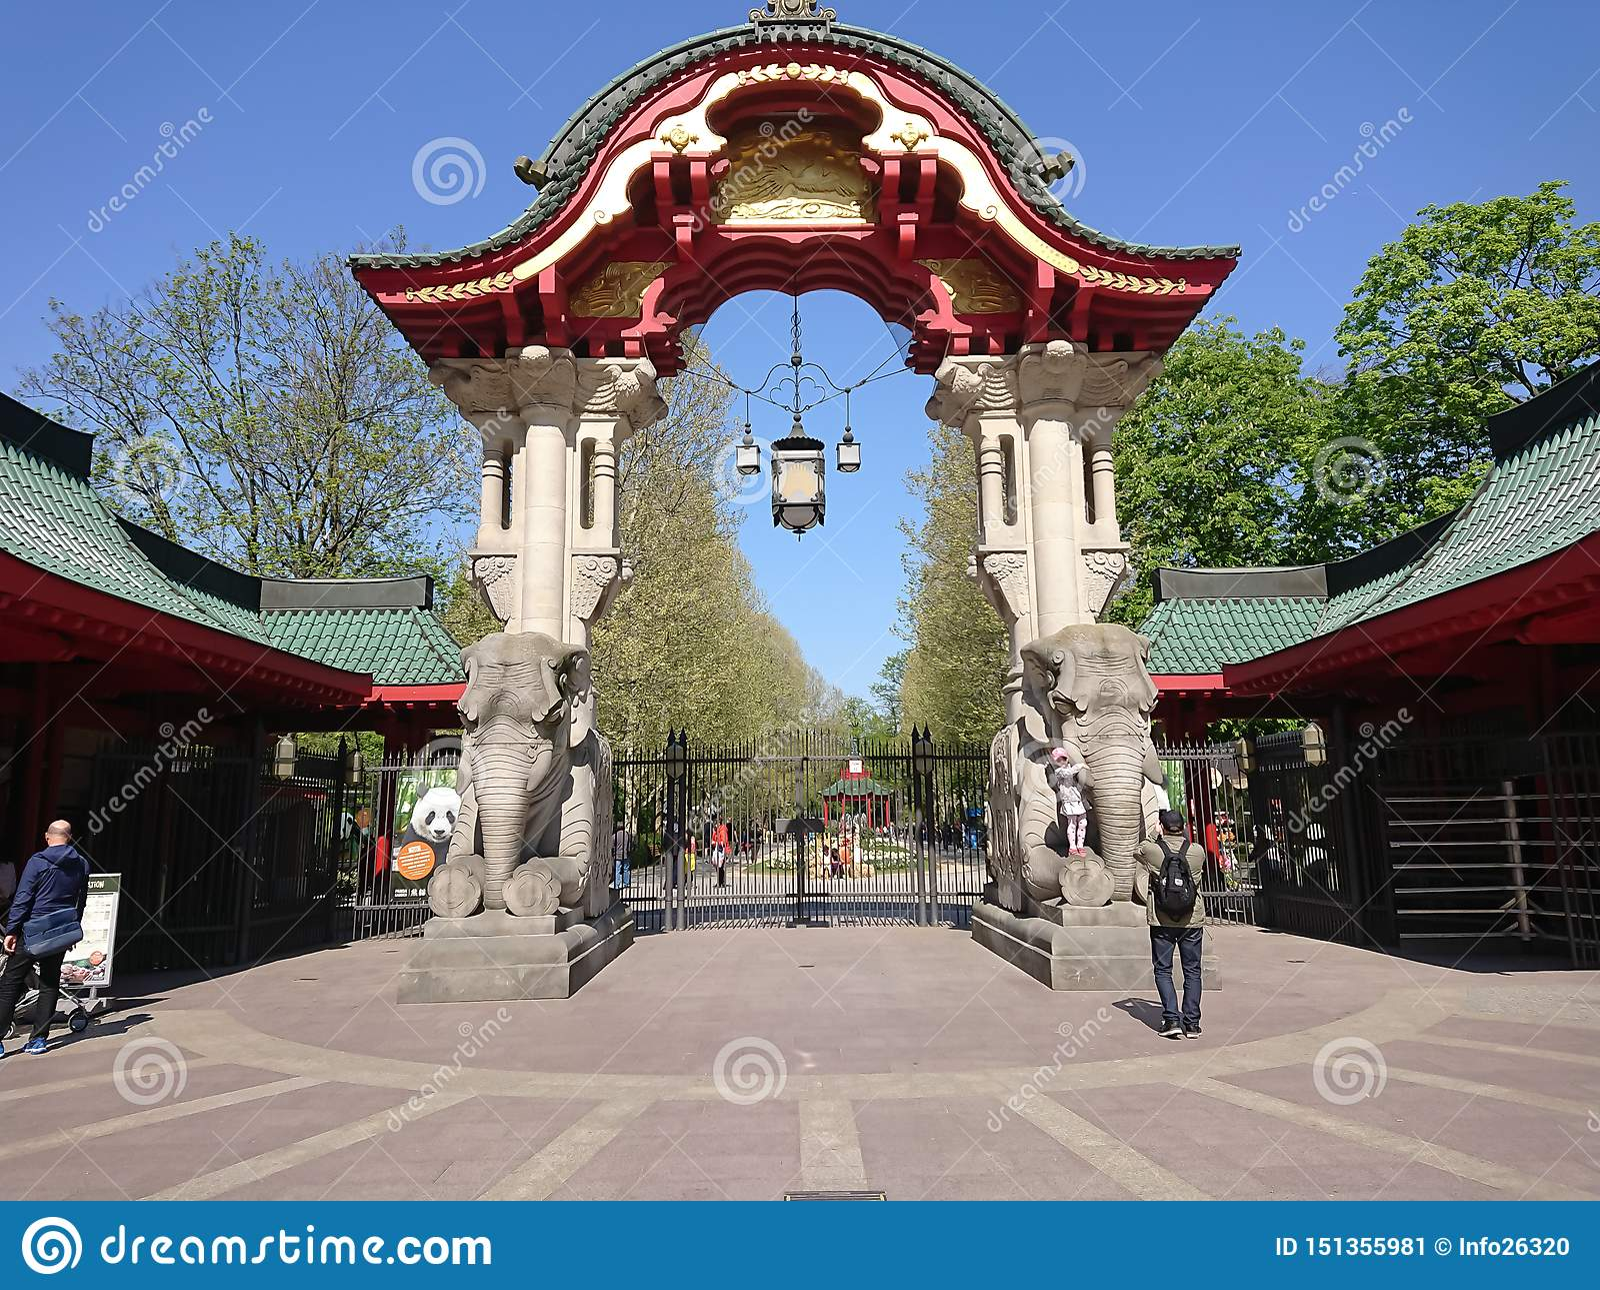 Entrada da porta do elefante de Berlin Zoological Garden